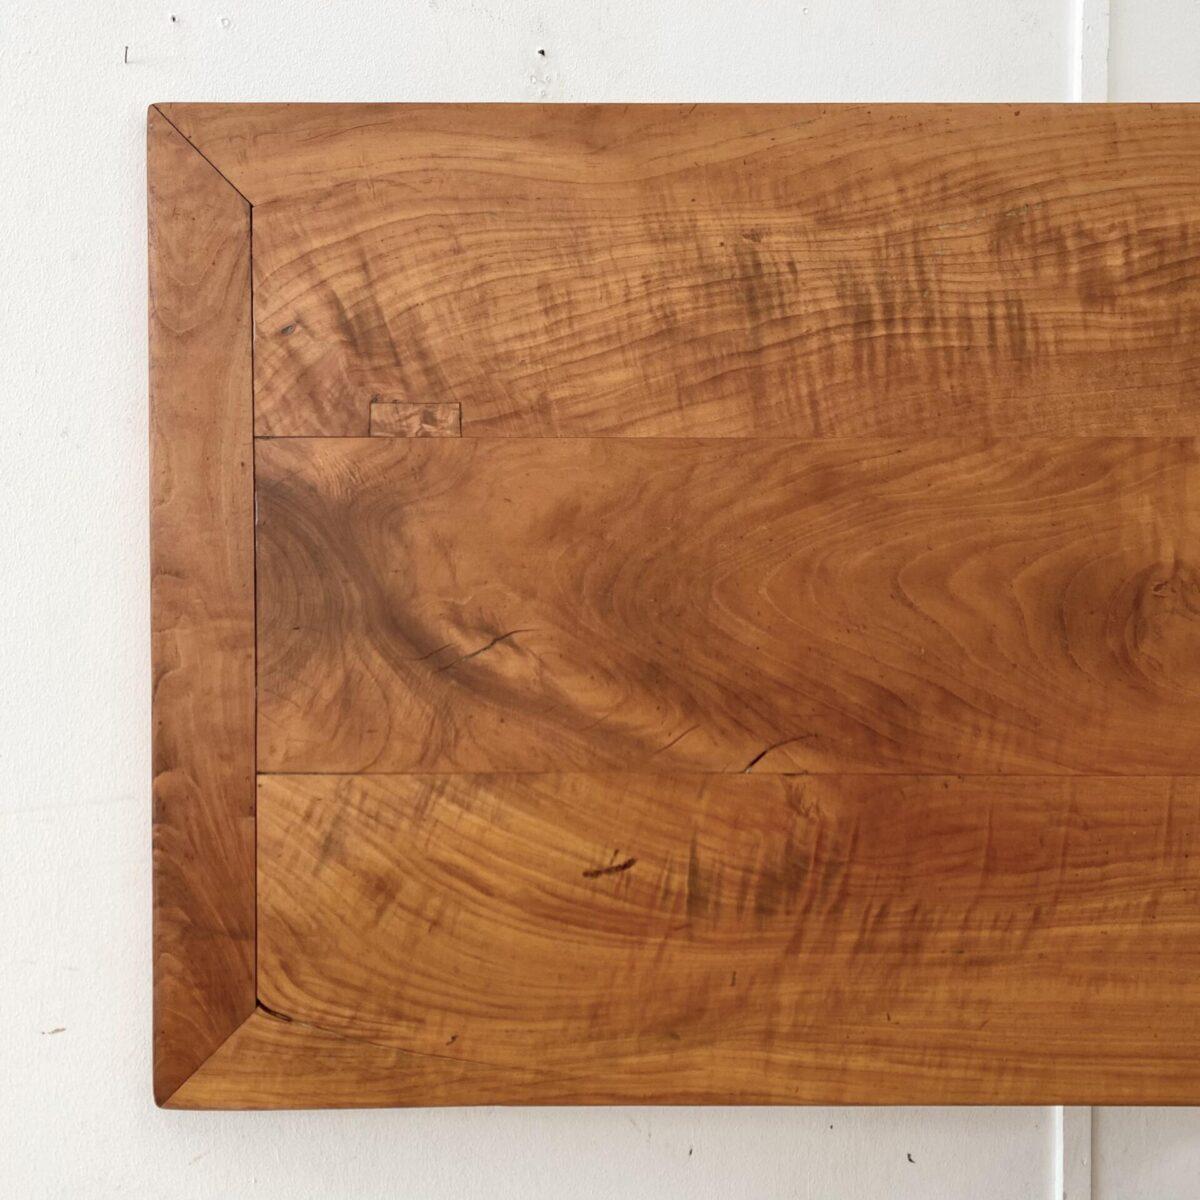 Kirschbaum Tisch mit gedrechselten Beinen und Schublade. 217x80cm Höhe 74cm.  Ausgezogen 433x80cm. Das Tischblatt hat diverse Risse und offene Fugen aber alles in stabilem Zustand. Die Holzoberflächen sind mit Naturöl behandelt. Das alte Kirschholz hat eine lebhafte rötliche Ausstrahlung, mit Alterspatina.